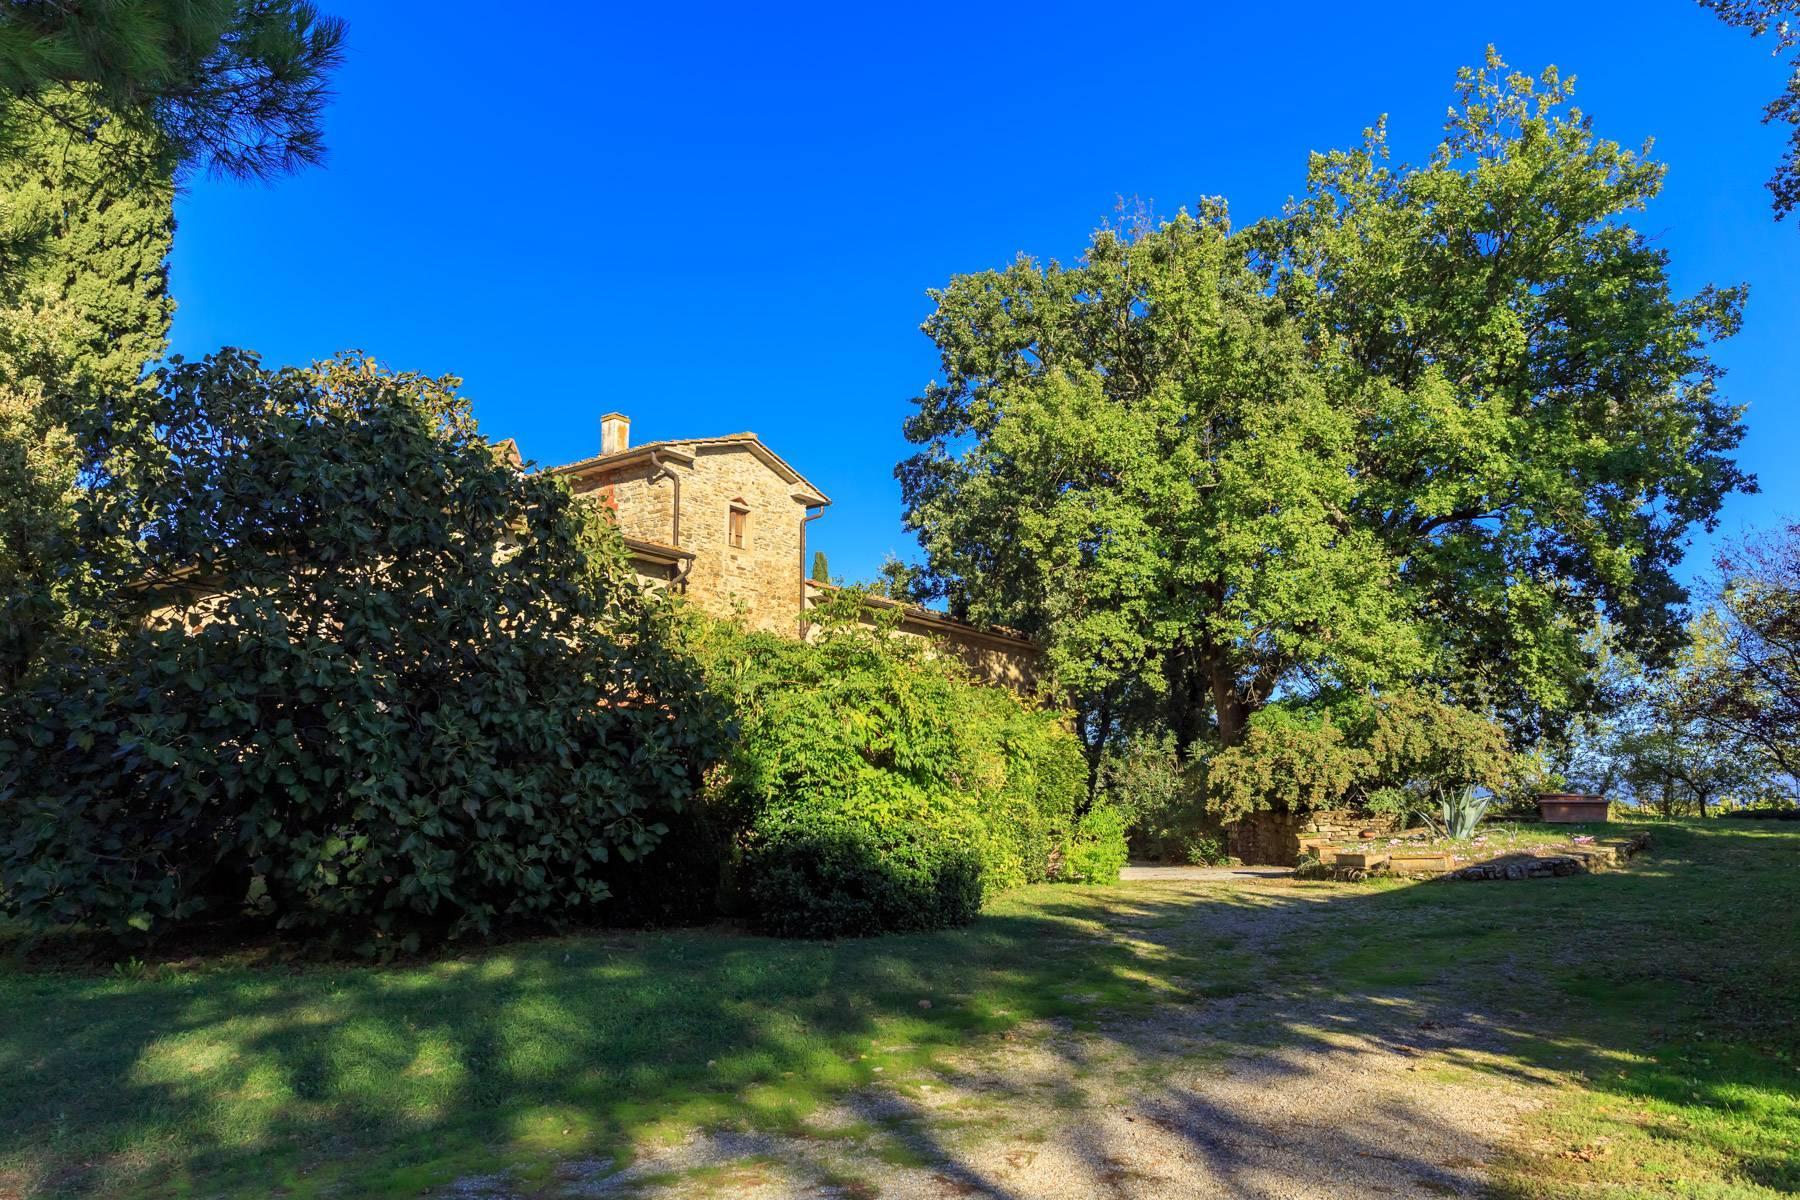 Historische Villa in der toskanischen Landschaft - 3